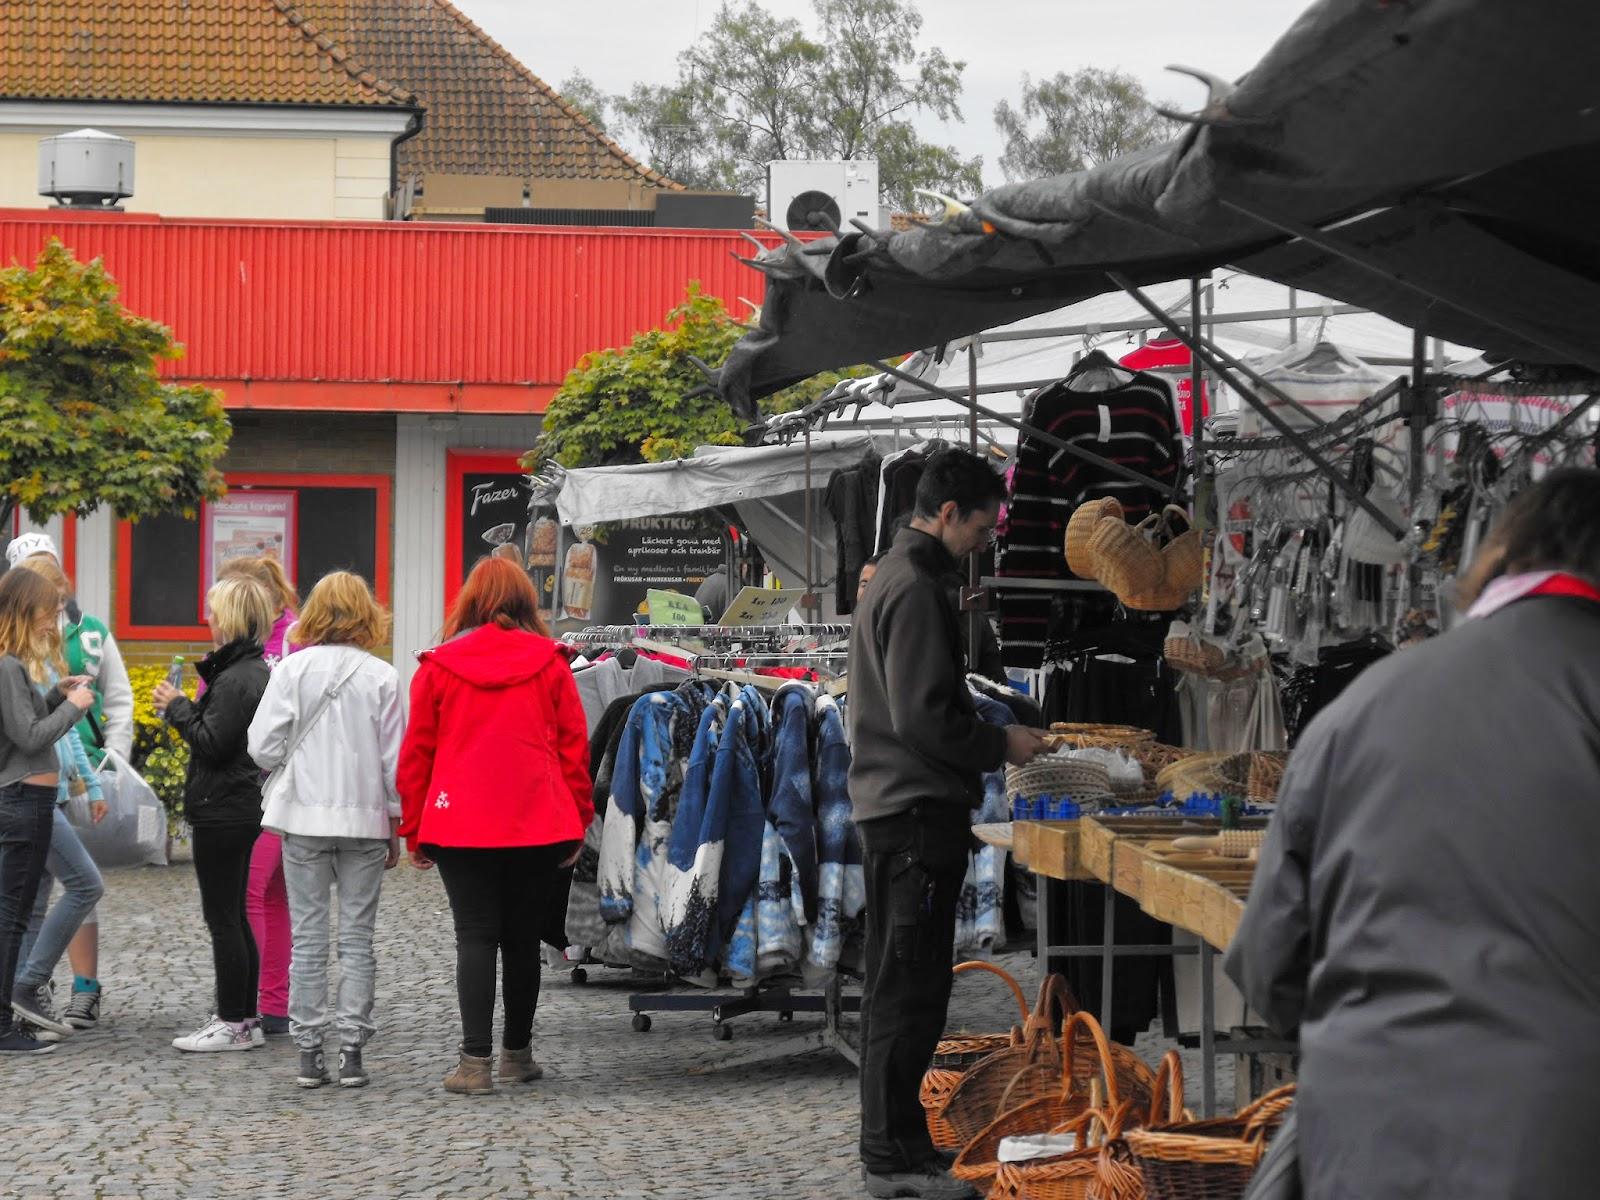 Höstmarknad i Sösdala, höstmarknad, Sösdala, marknad, knallar